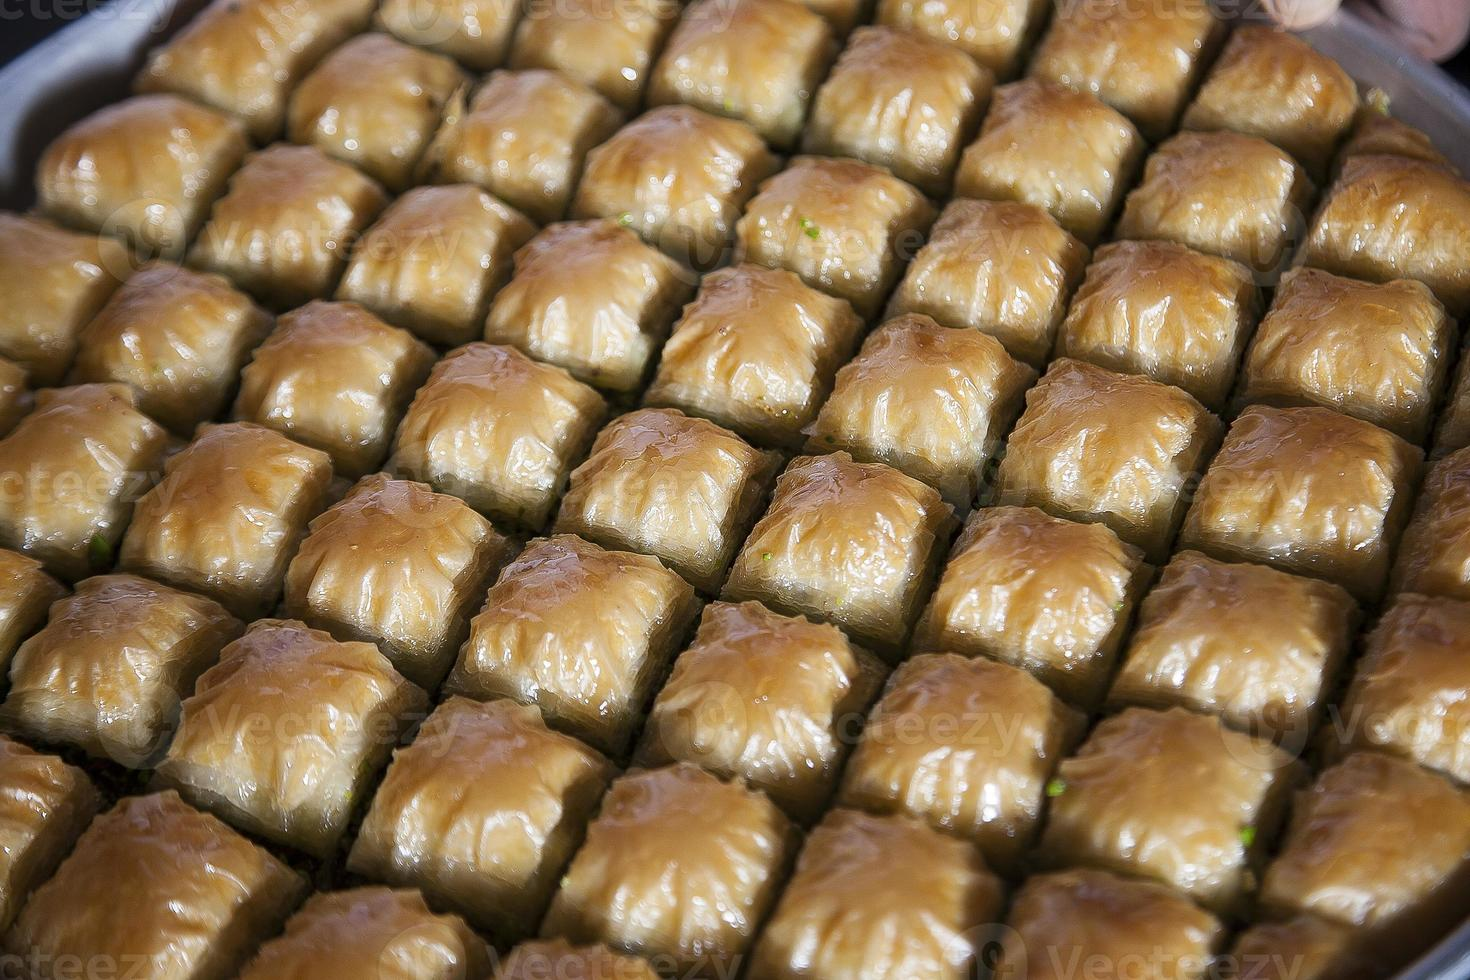 baklava, Turks dessert gemaakt van dun gebak, noten en honing foto